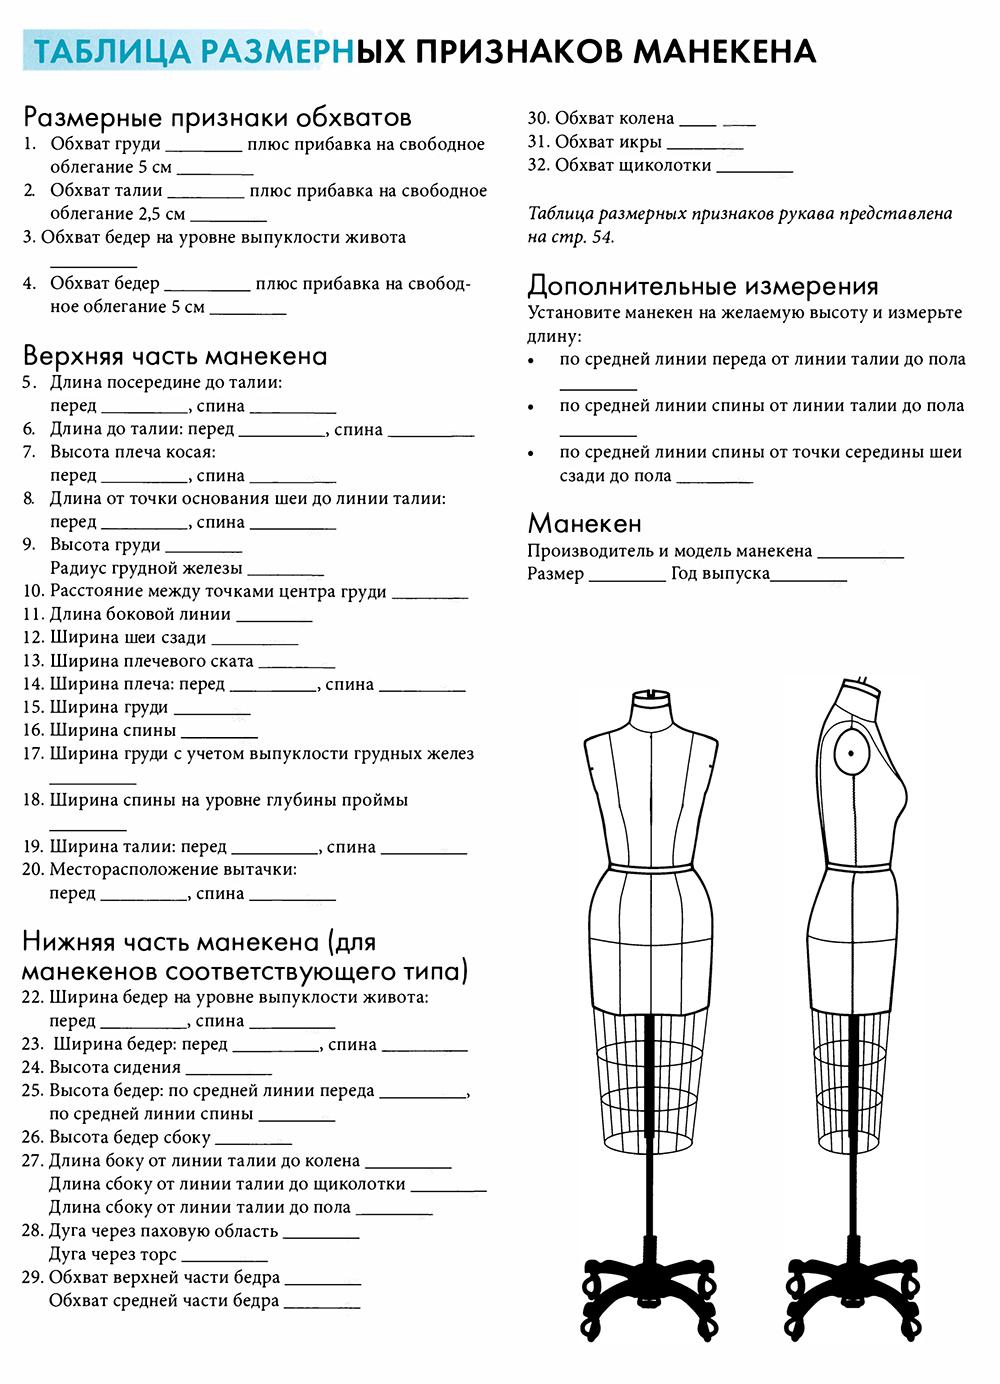 таблица манекена